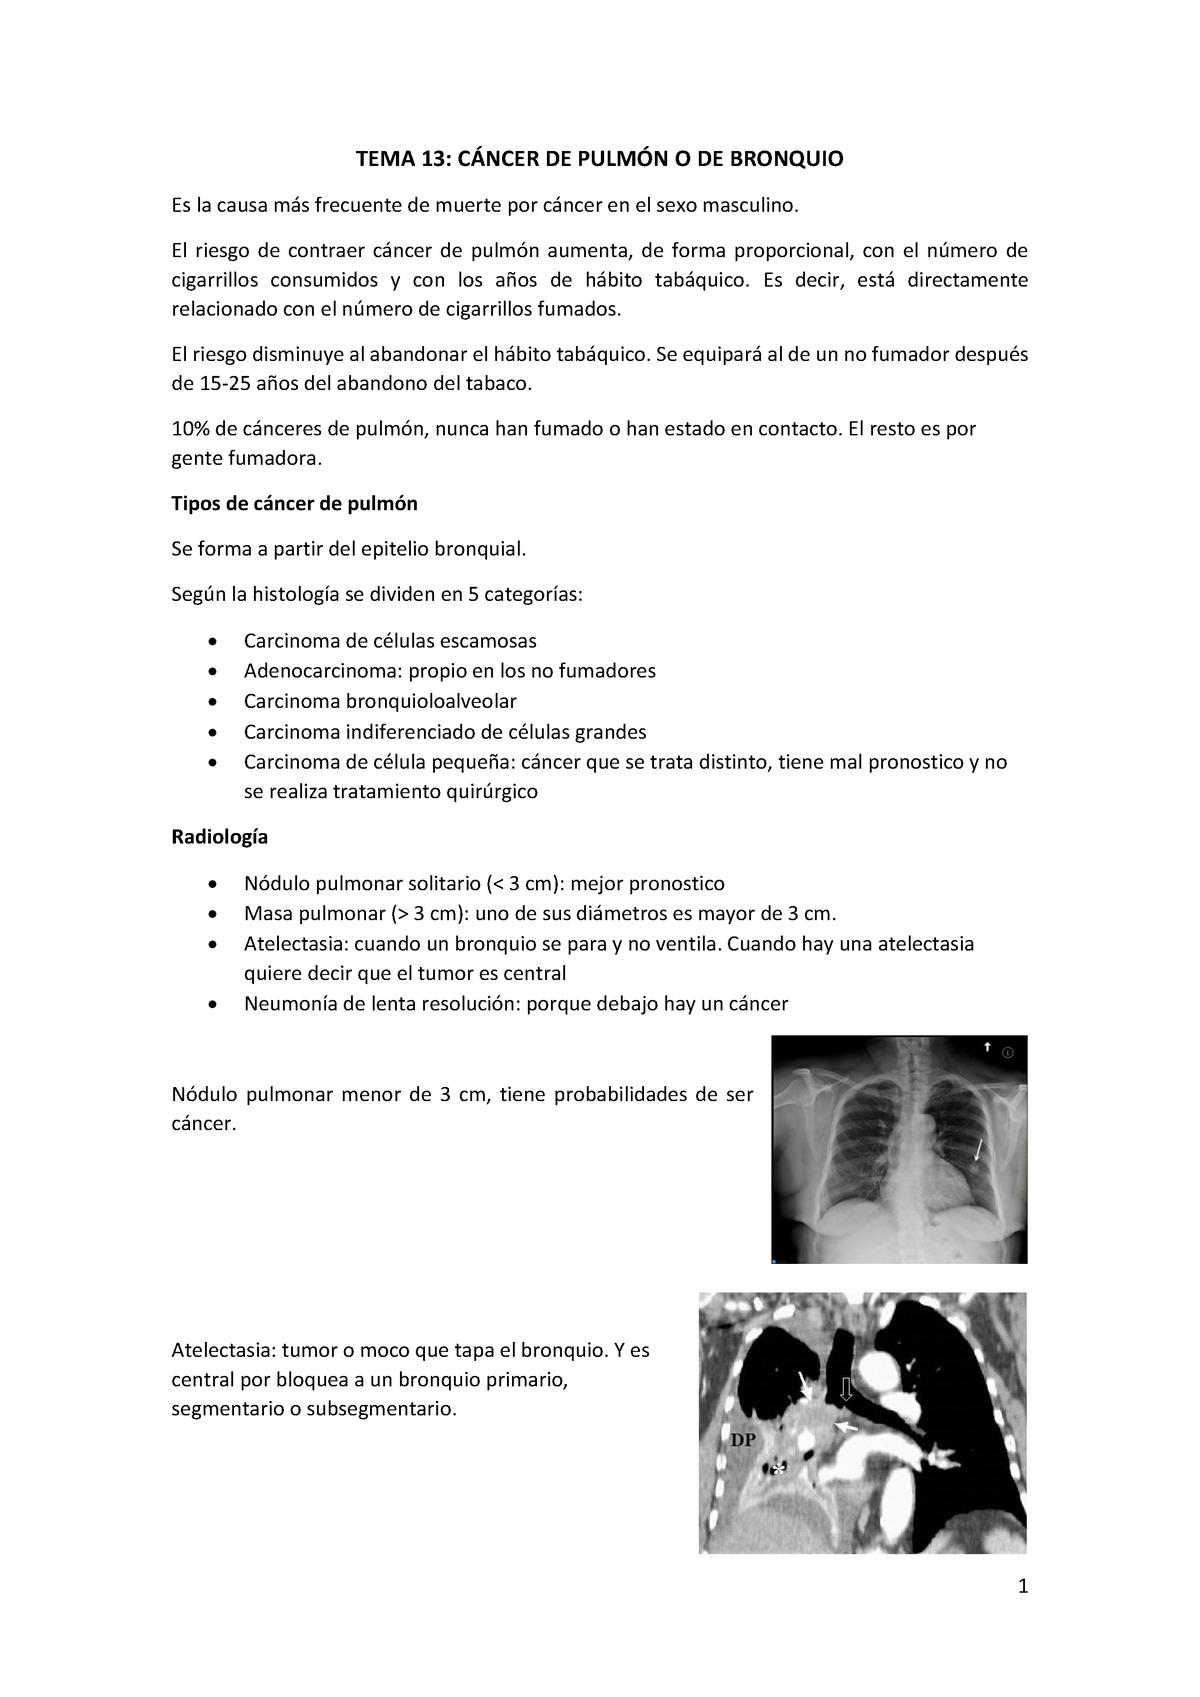 cancer pulmonar de 3 cm)